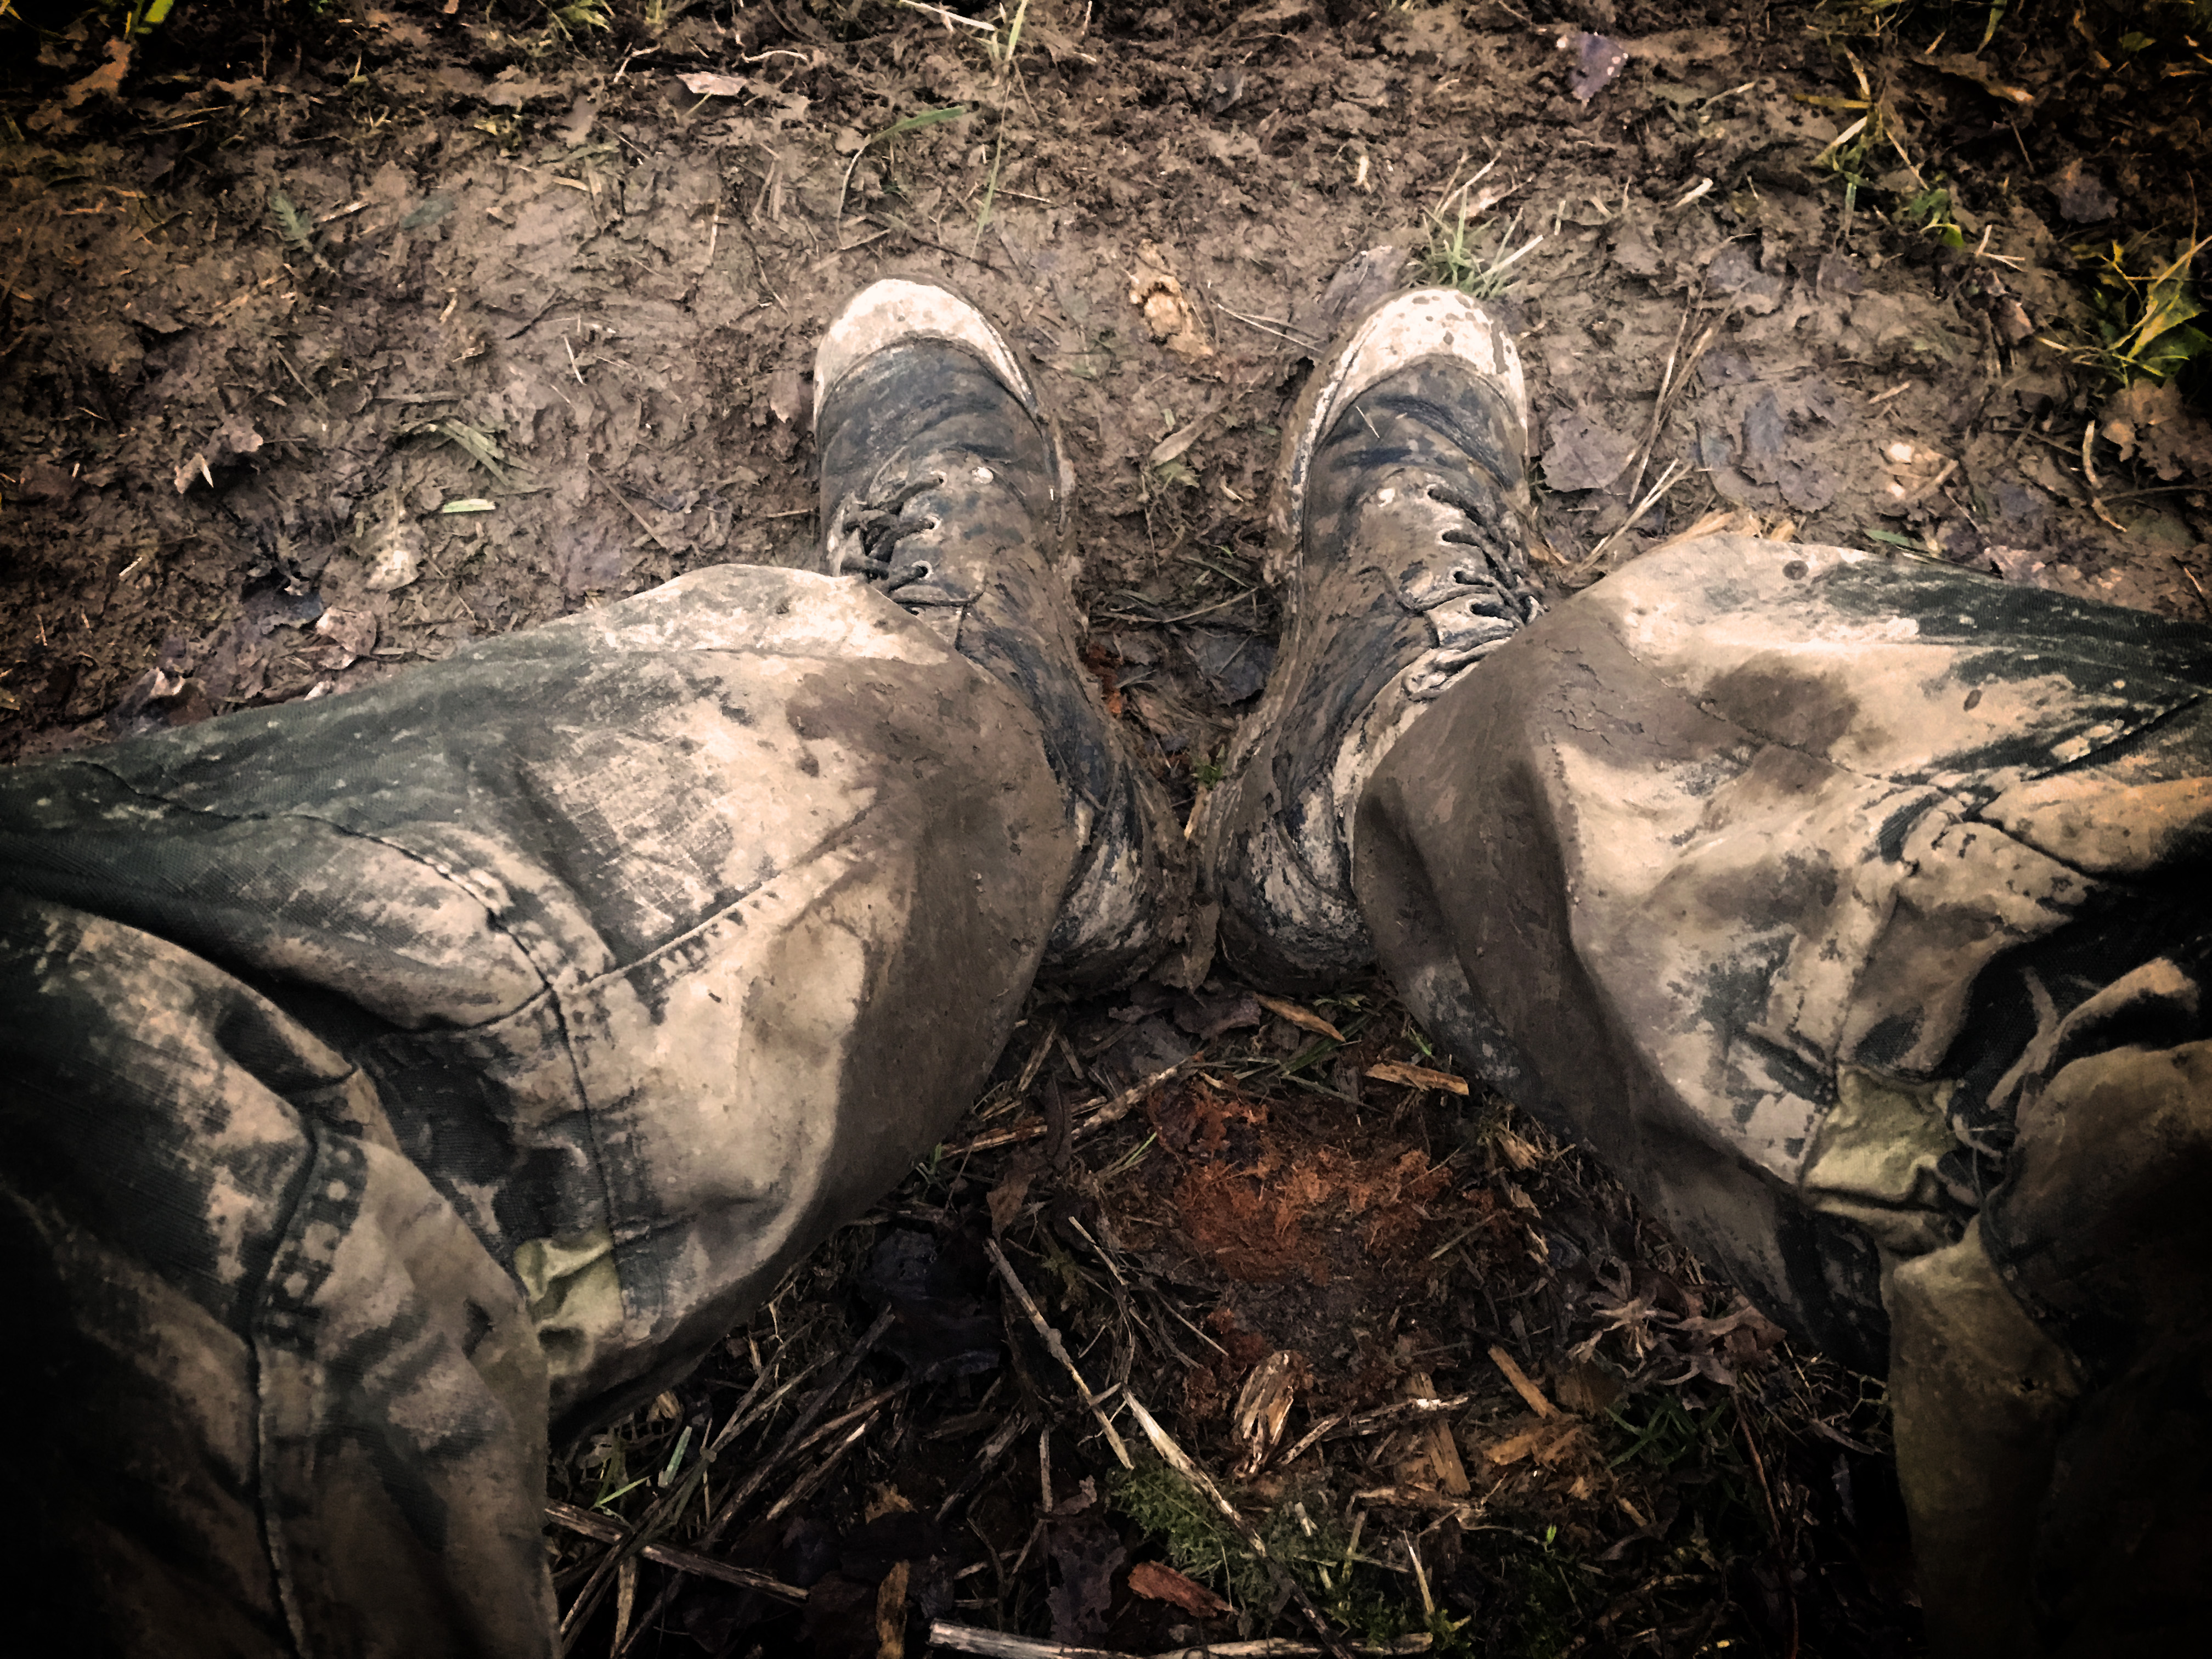 Ножки в грязи правы...конкретно